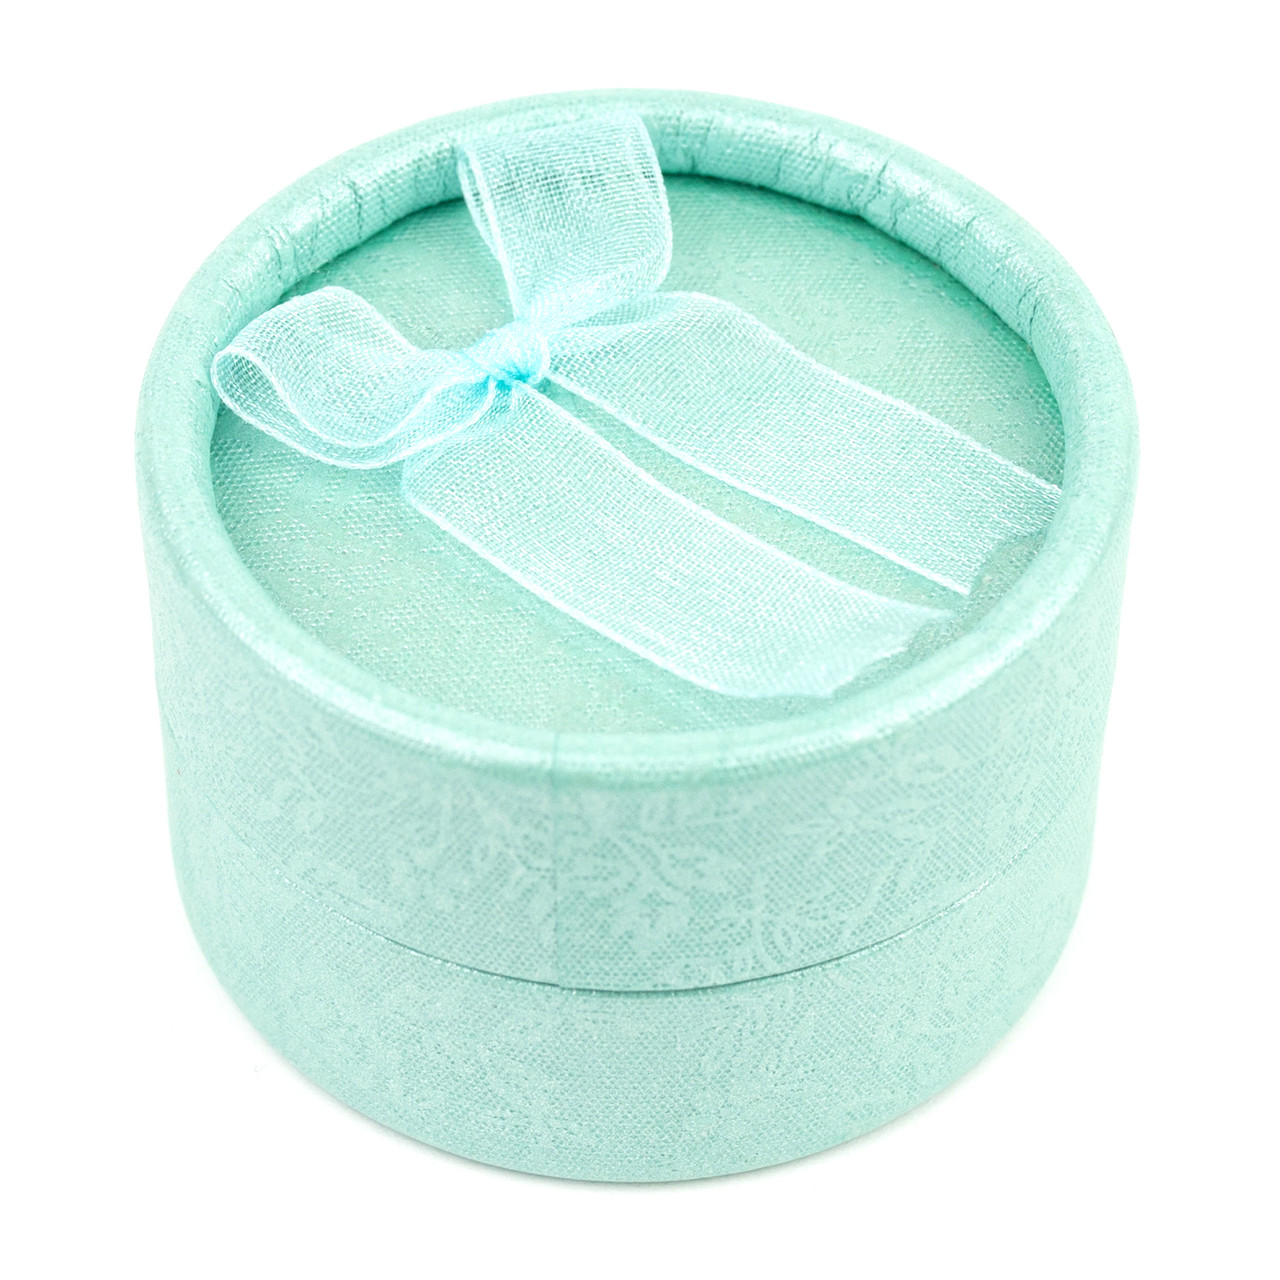 Круглая коробочка для кольца мятная 5 х 5 см